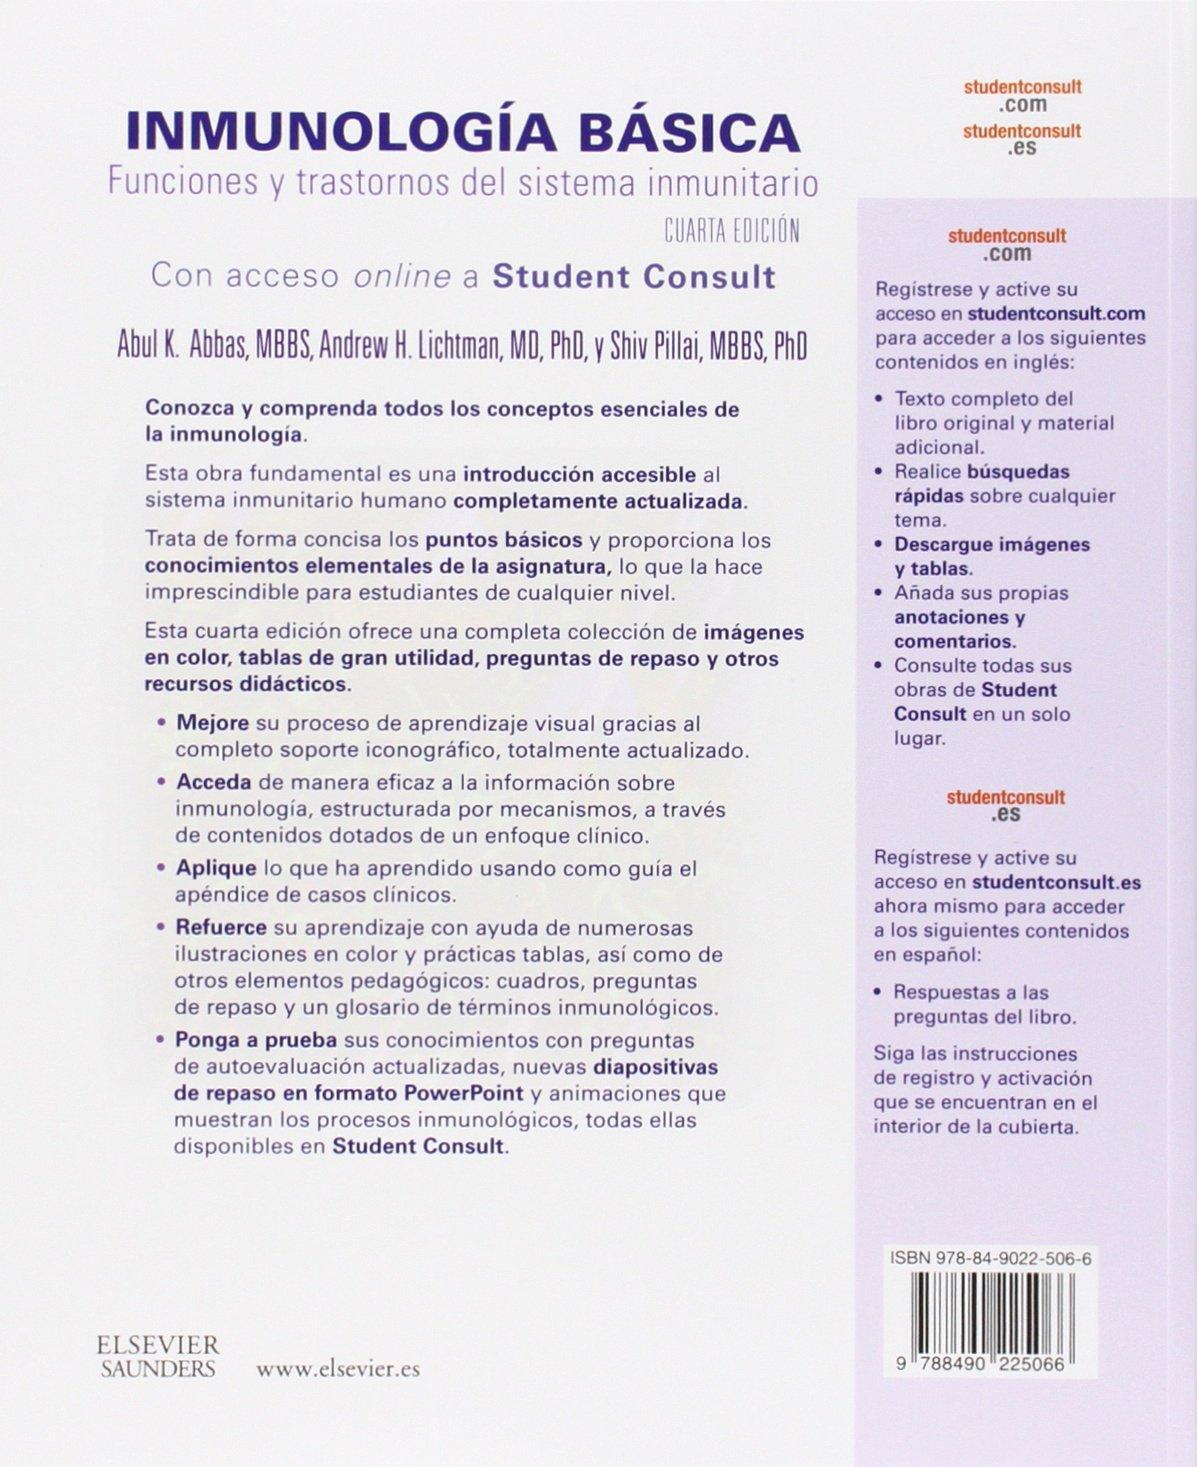 Inmunología básica. Funciones y trastornos del sistema inmunitario (Spanish Edition): Abul K. Abbas, Andrew H. H. Lichtman, Shiv Pillai, ...